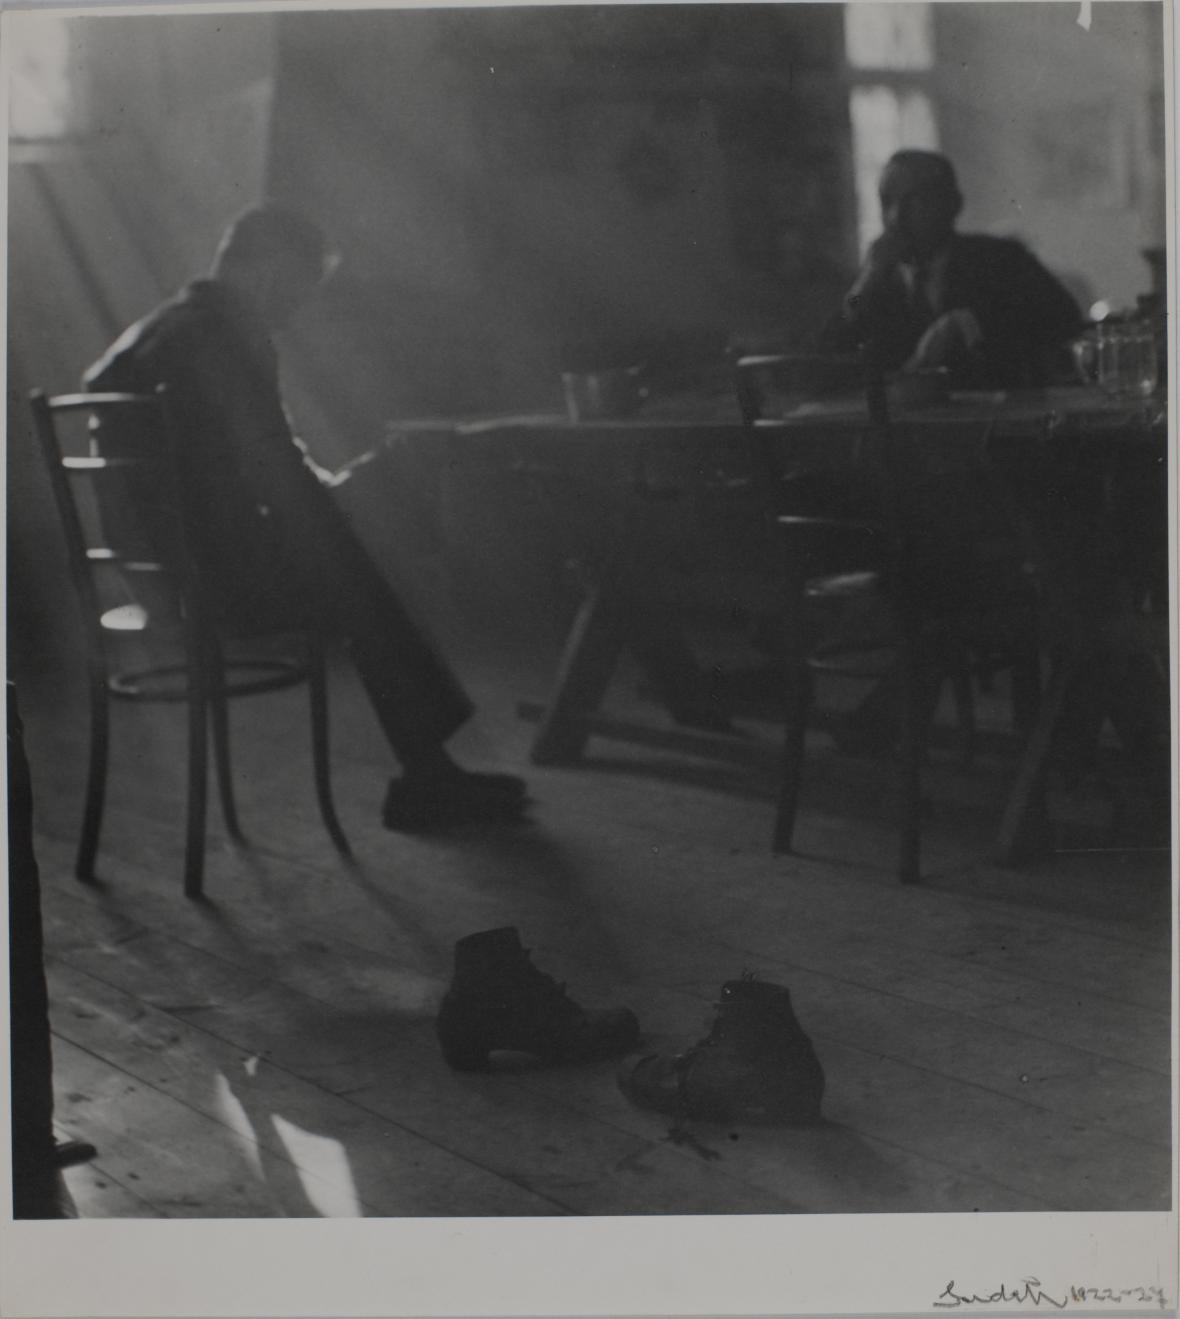 Fotograf Josef Sudek při vyvolávání filmu ve svém ateliéru na pražském Újezdě na snímku z roku 1956. Sudek fotografoval zásadně velkoformátovou kamerou